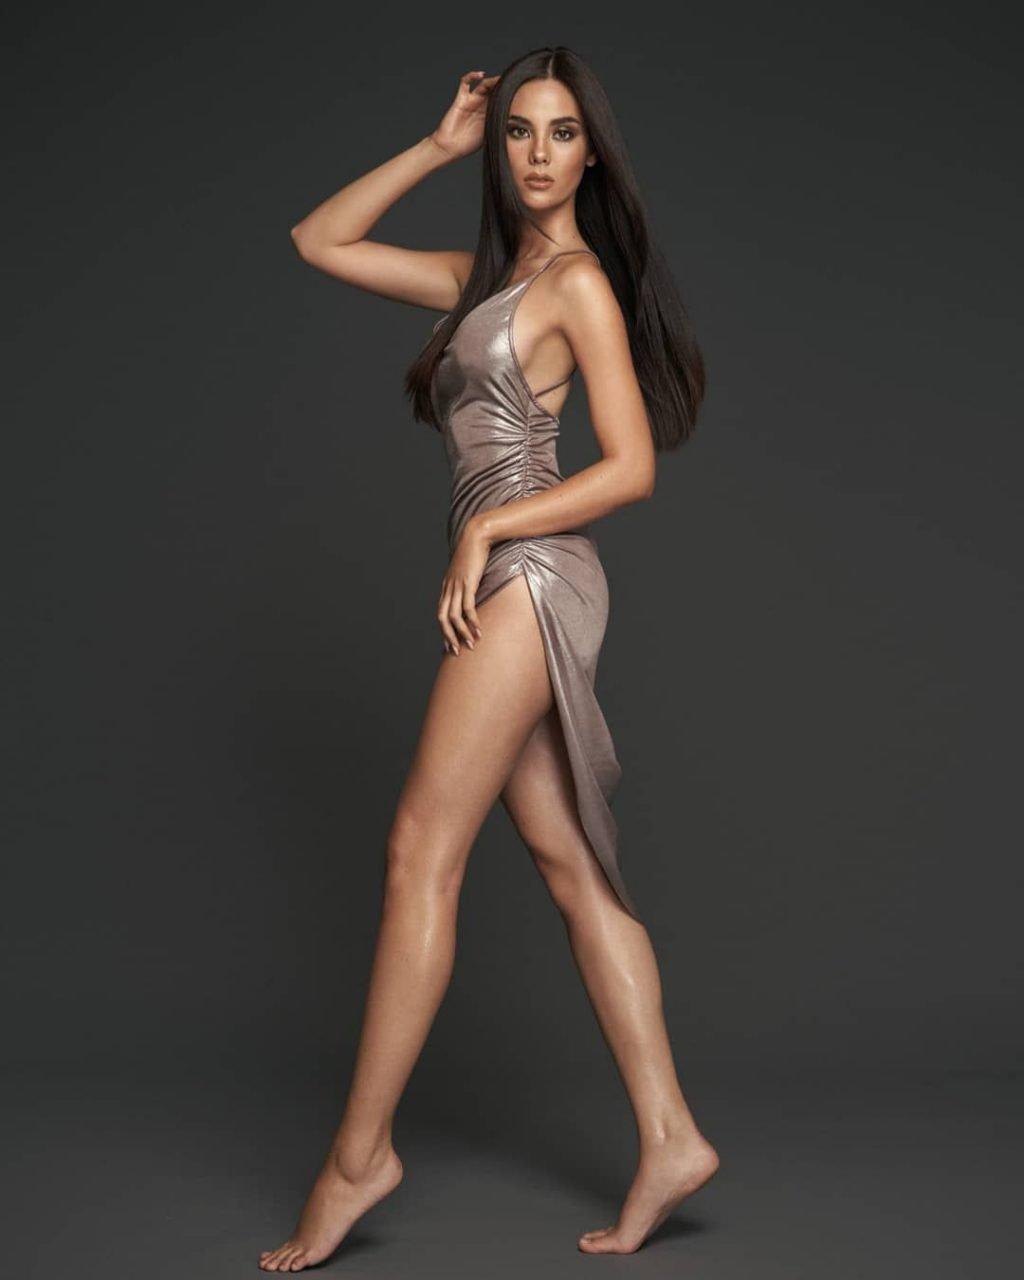 Catriona Gray Sexy (14 Photos)